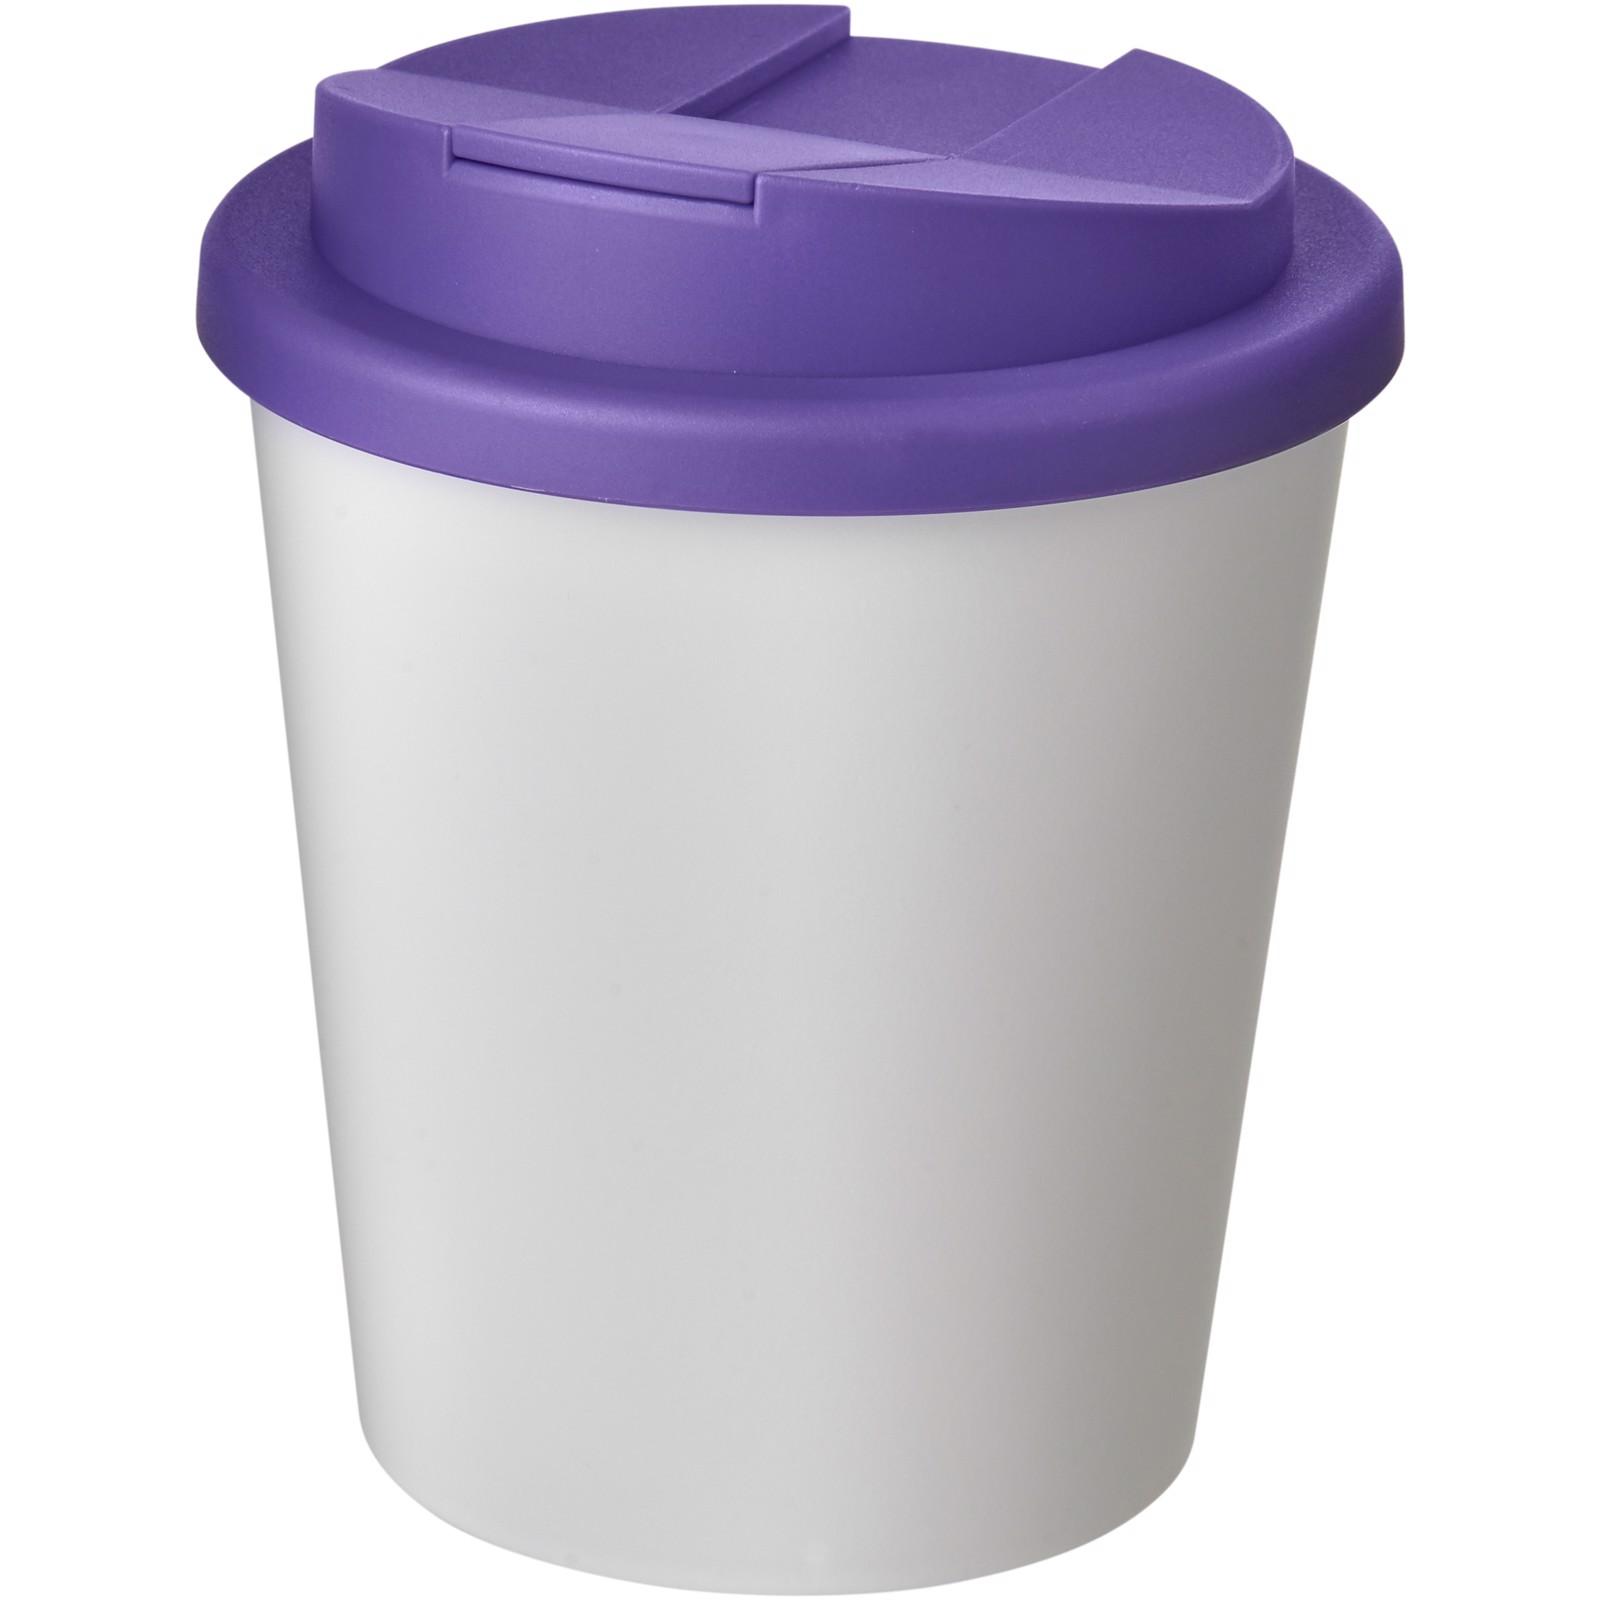 Americano Espresso® vaso 250 ml con tapa antigoteo - Blanco / Morado